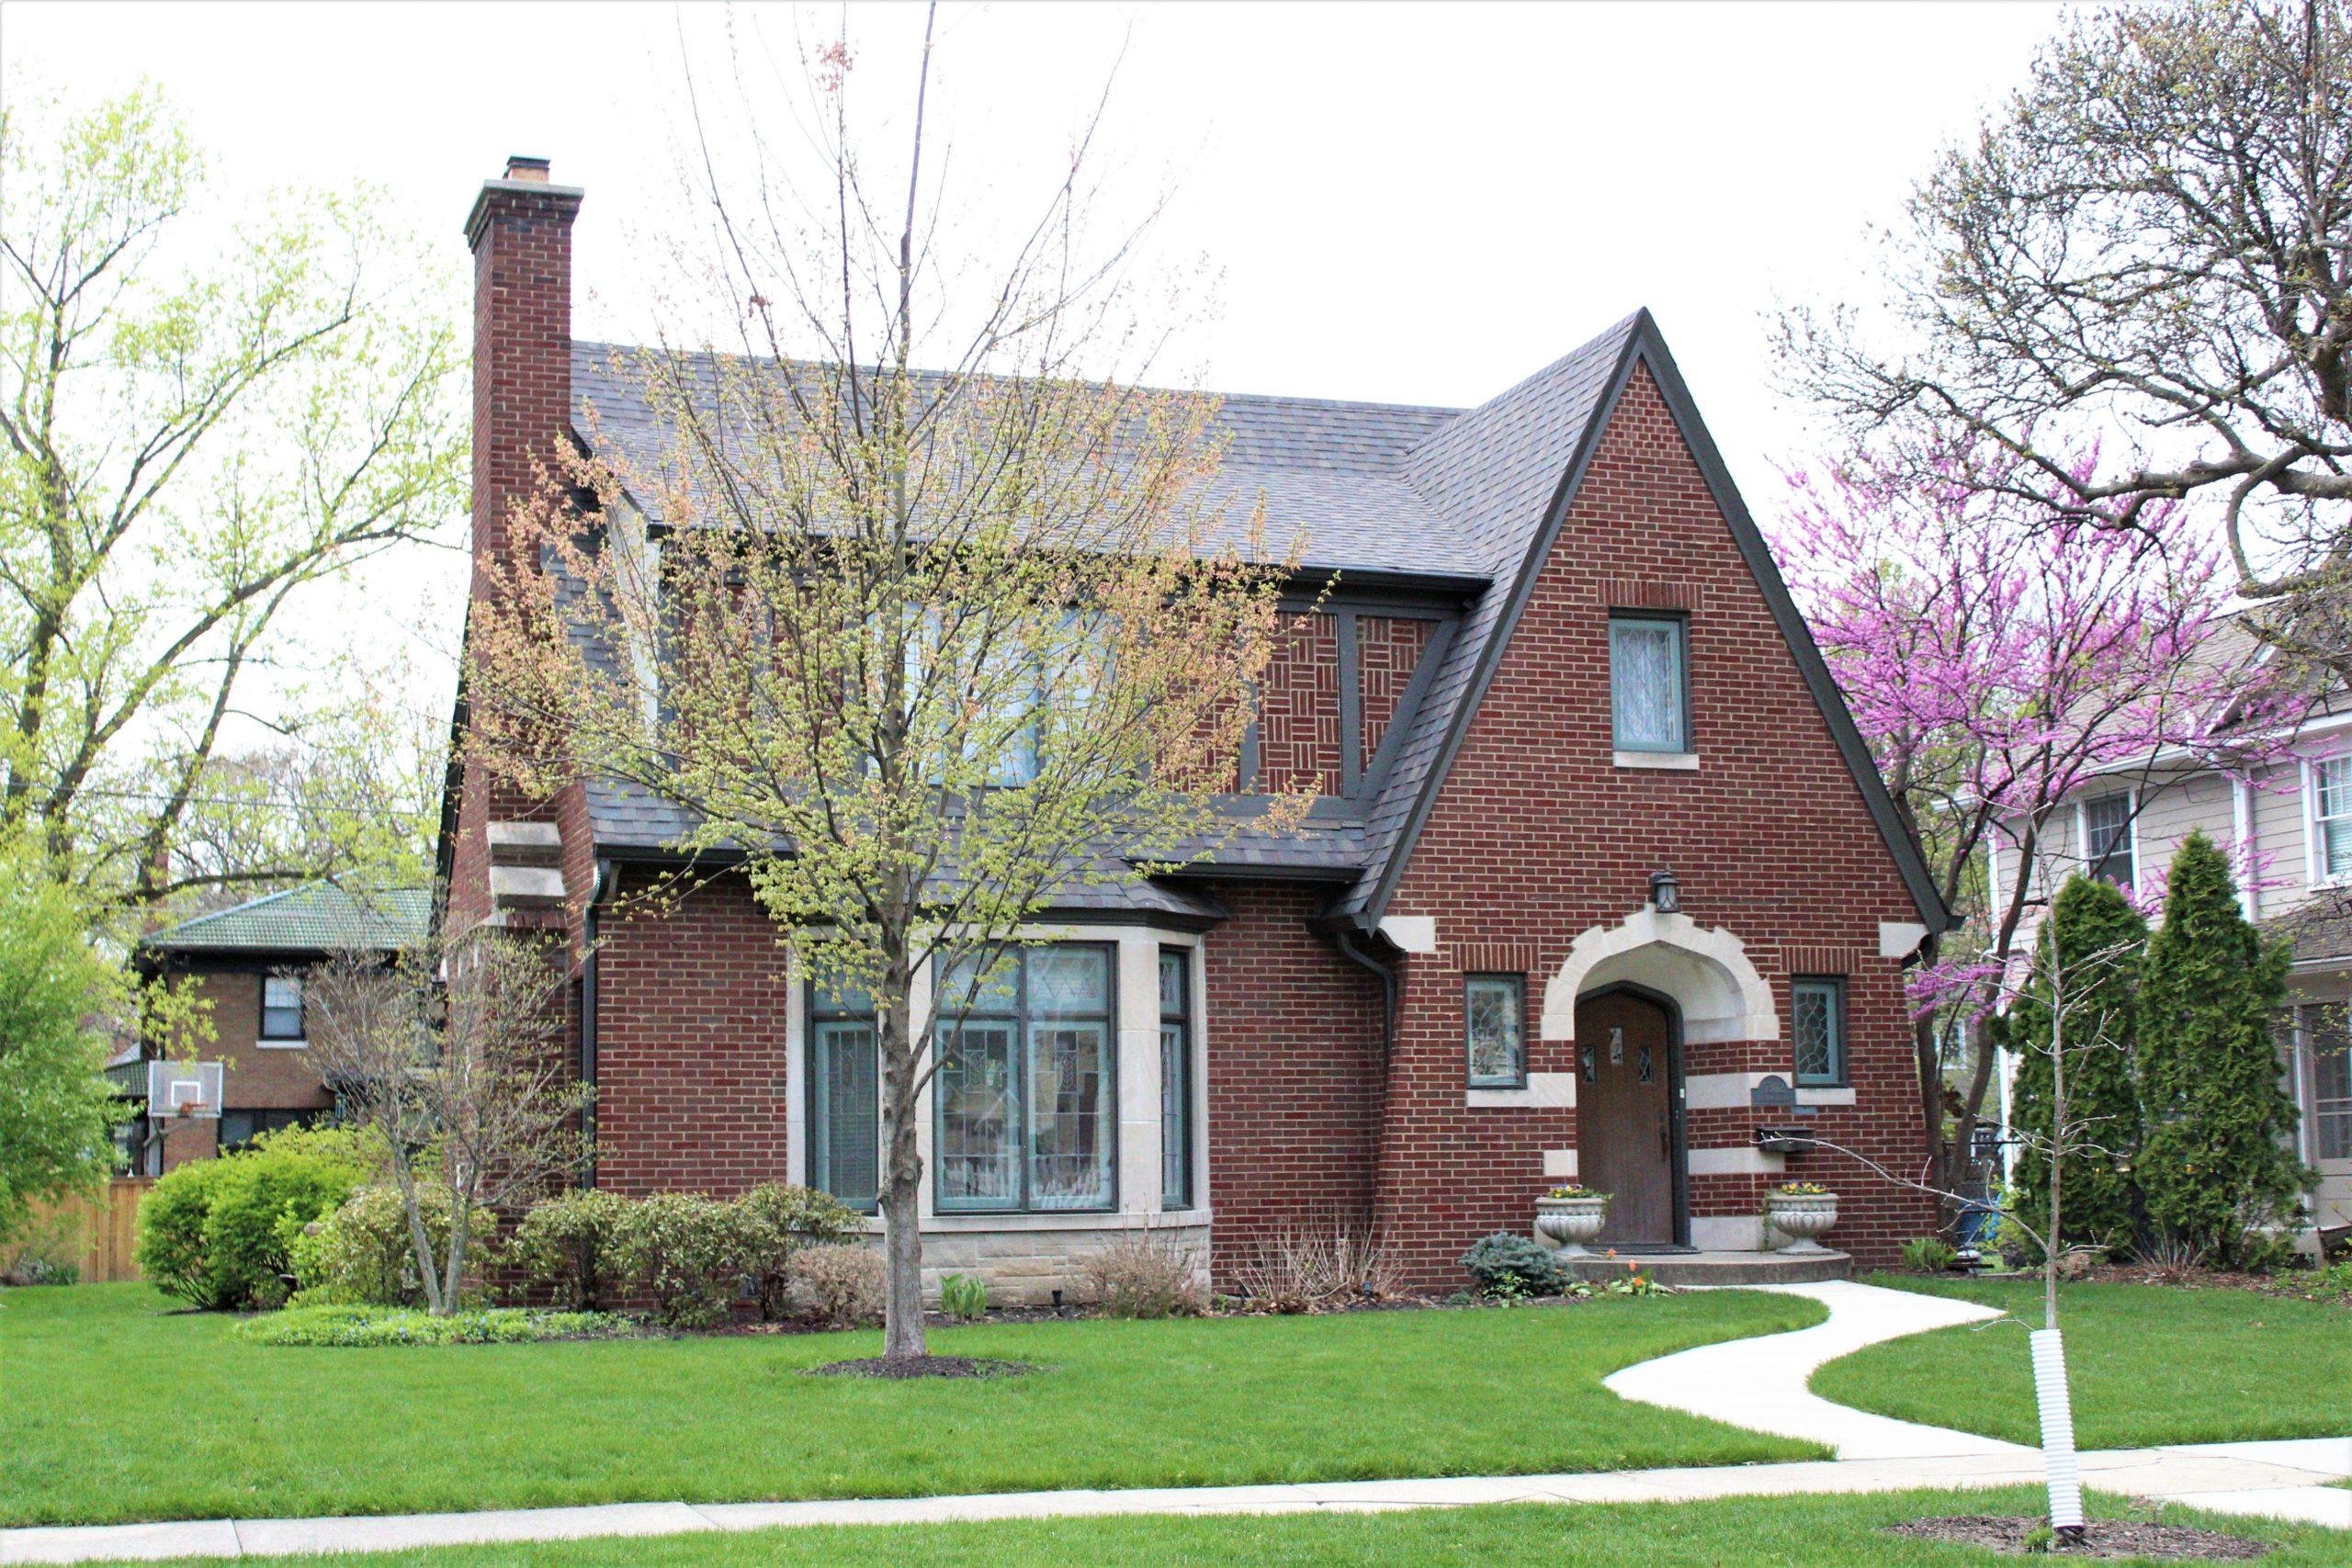 Merridian-Kessler - House